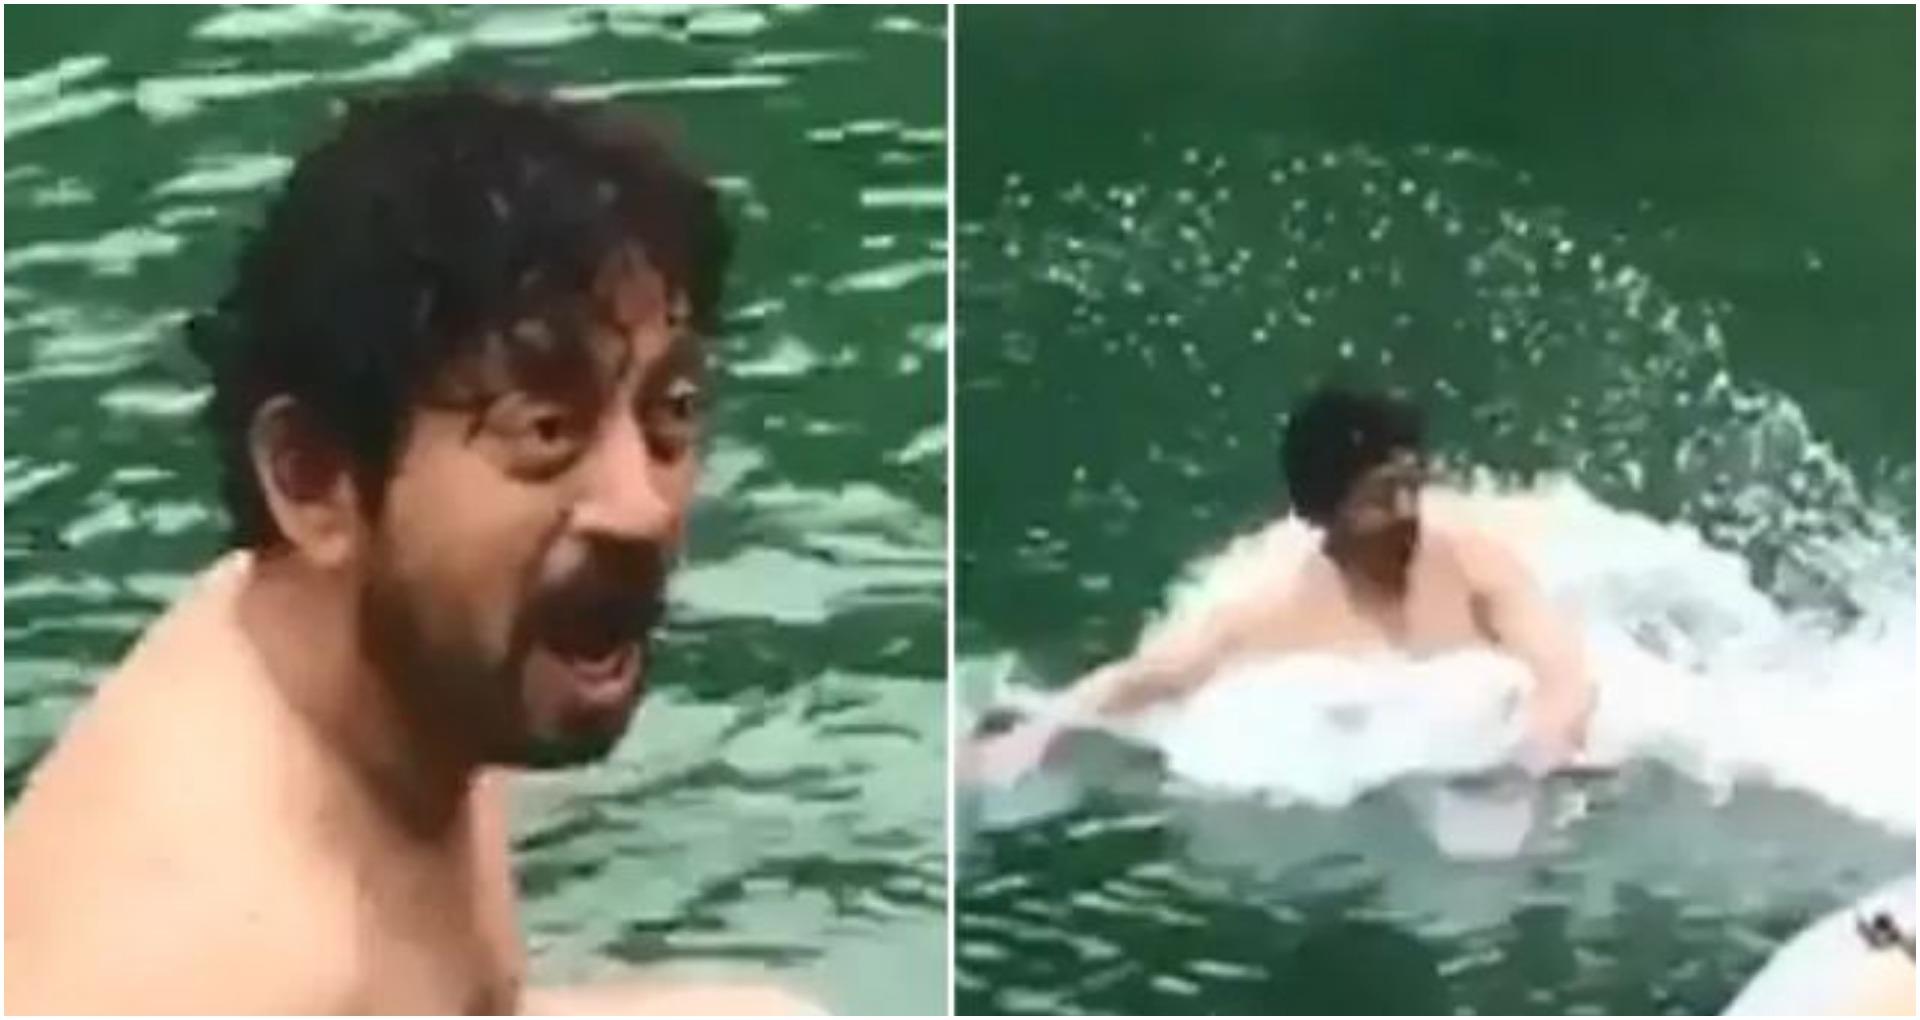 इरफान खान के बेटे ने शेयर किया थ्रोबैक वीडियो, जब इरफान ने लगा दी ठंडे पानी के तालाब में छलांग